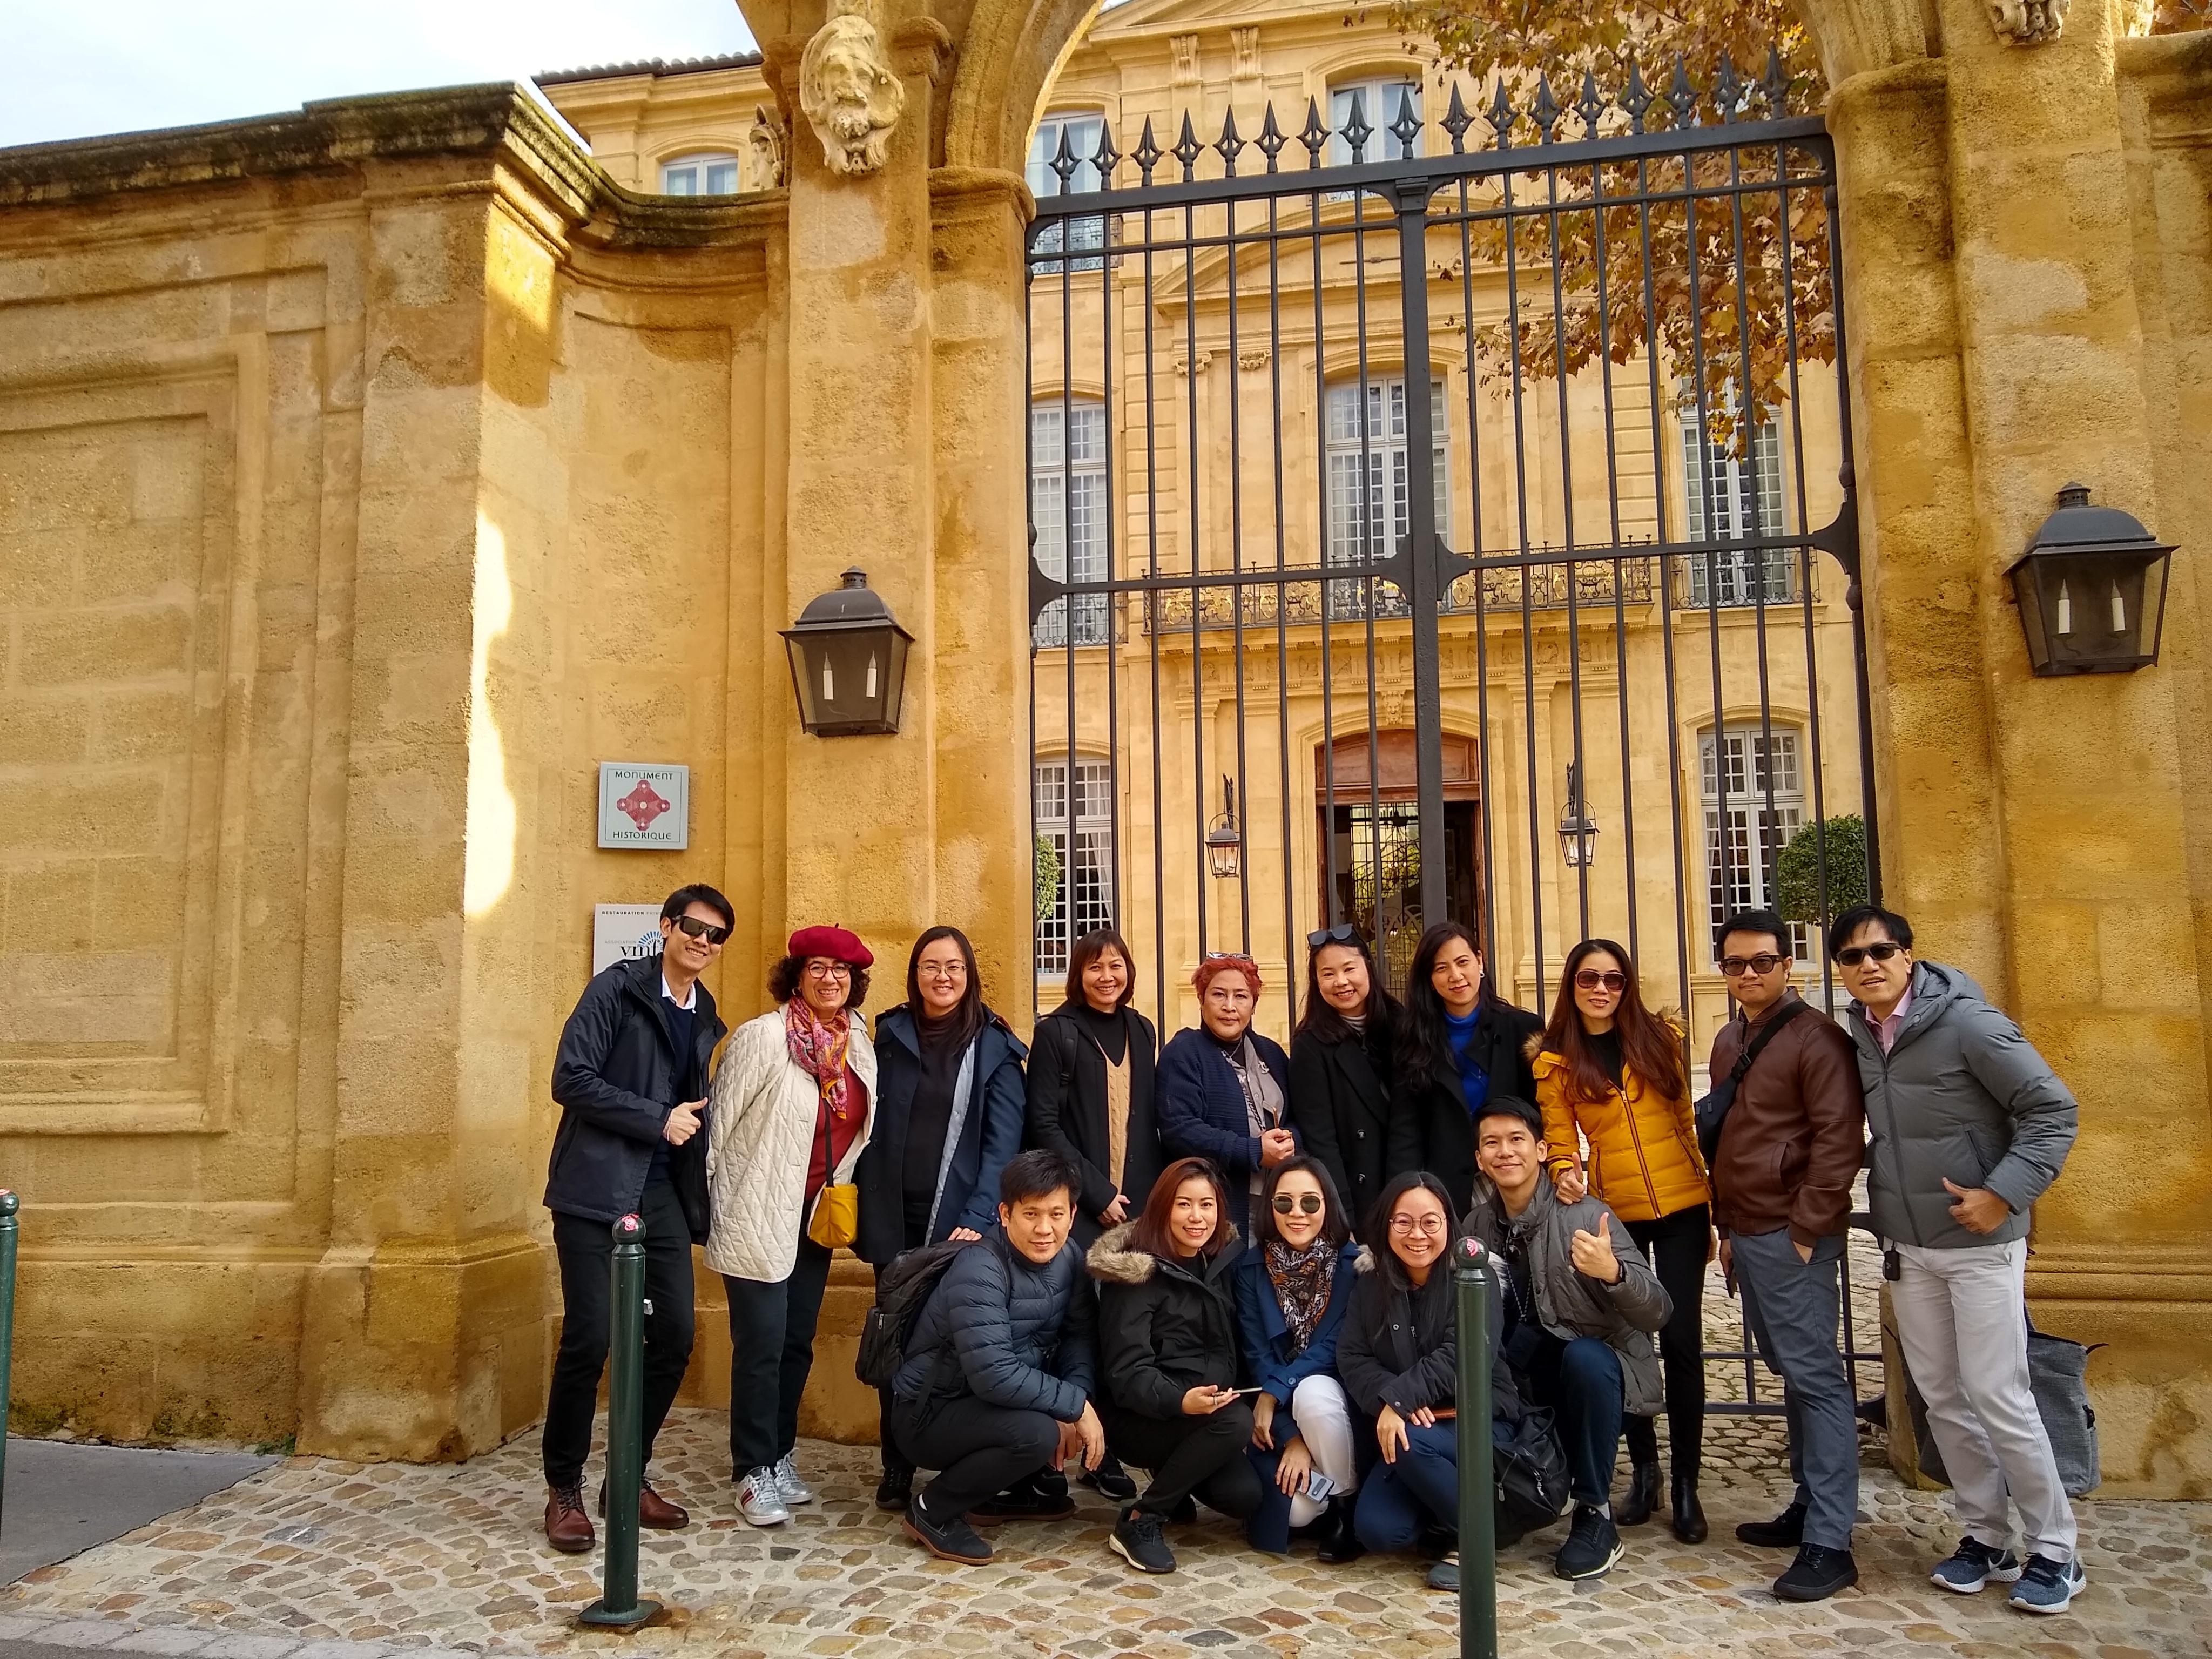 Visites guidées d'Aix avec des groupes